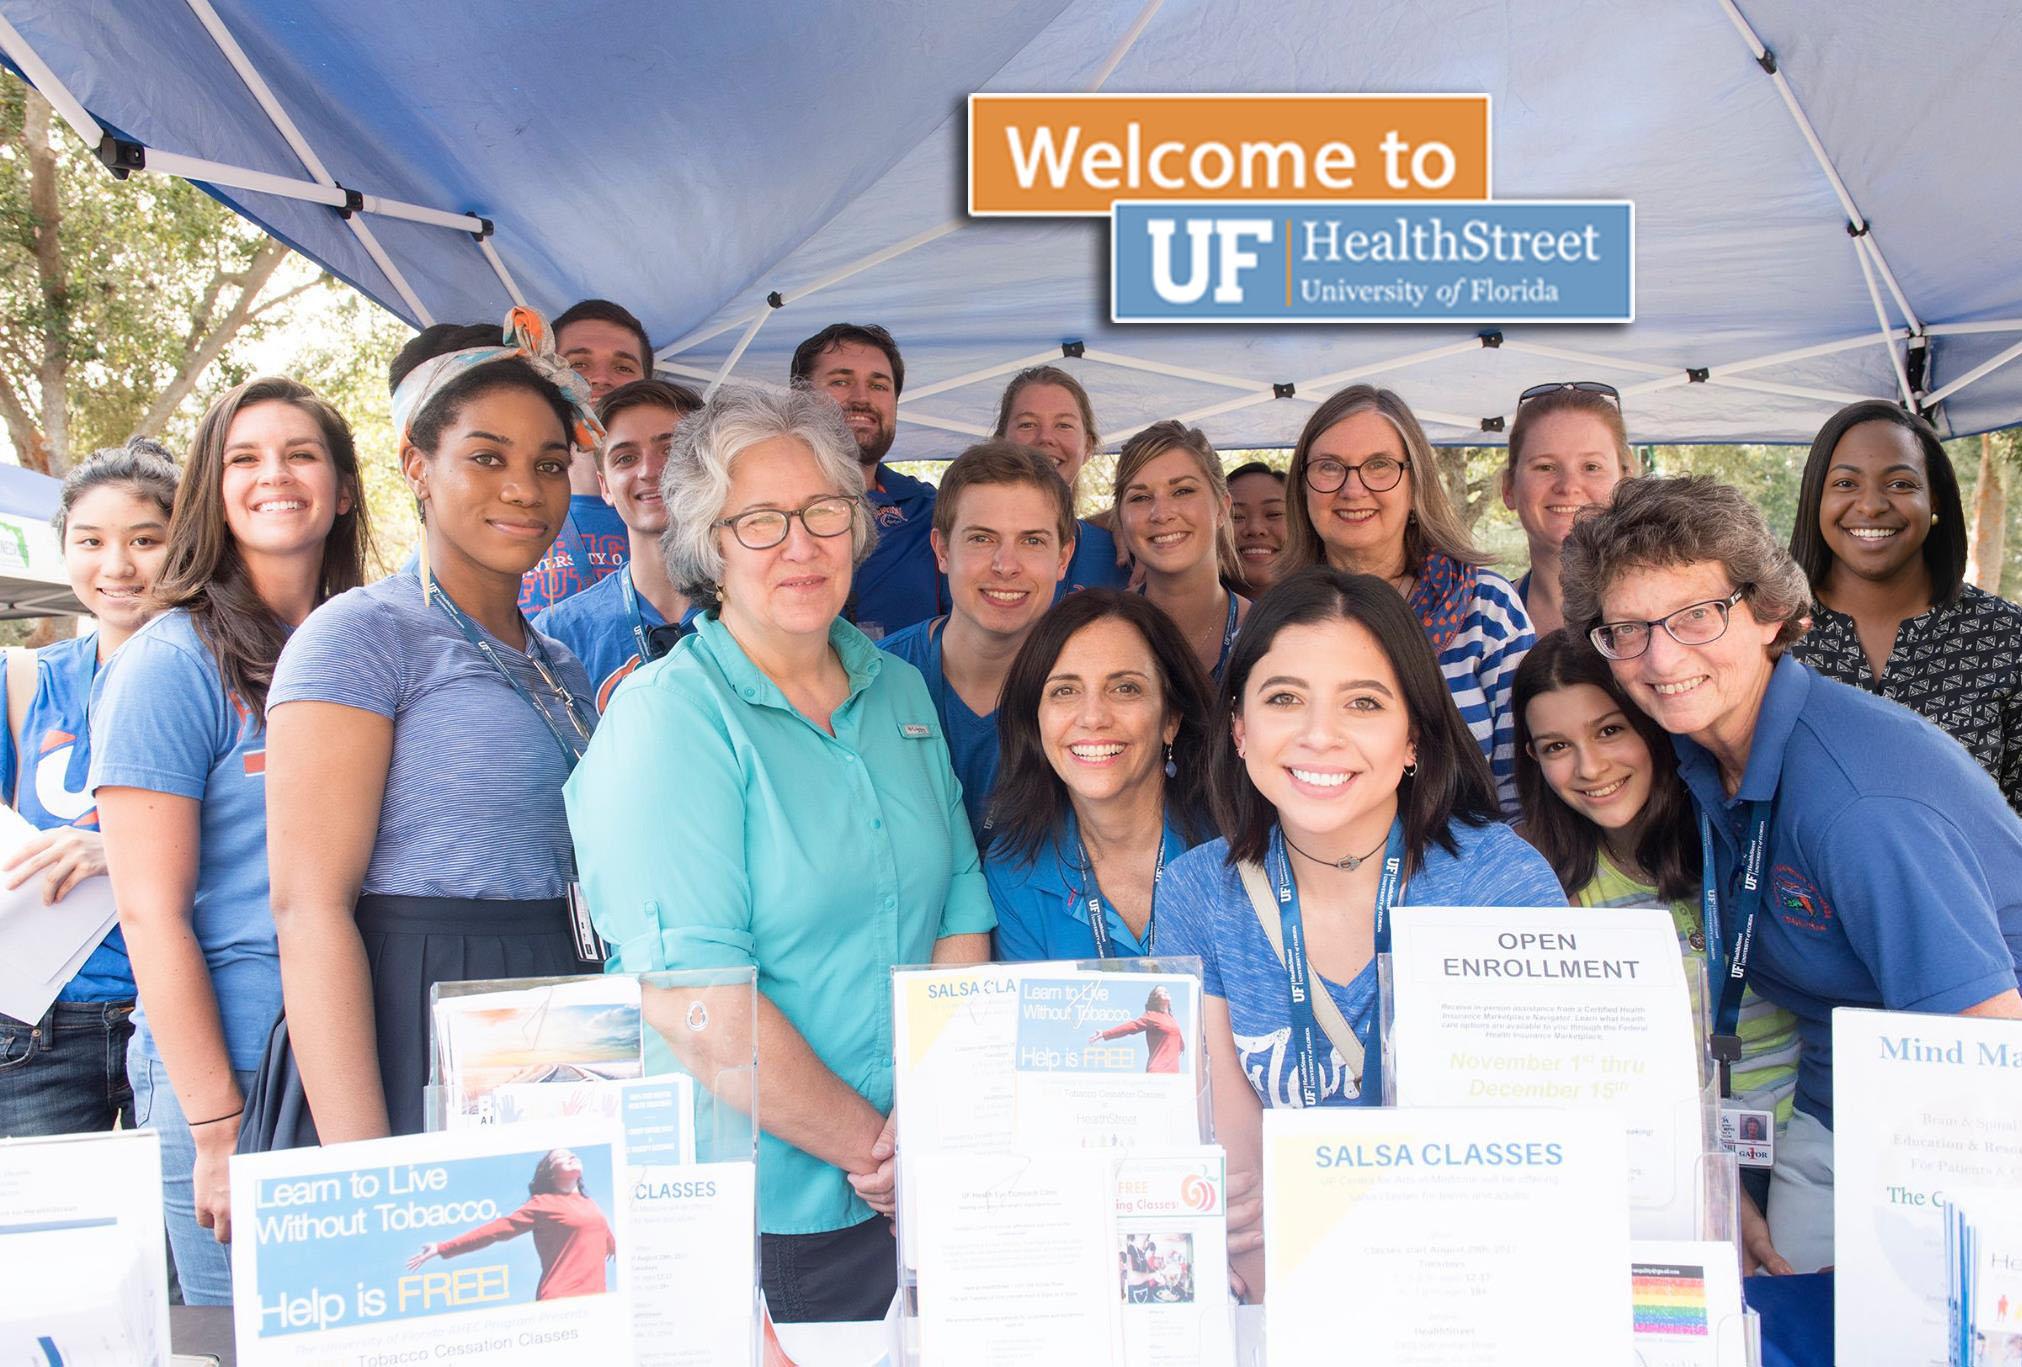 HealthStreet Team